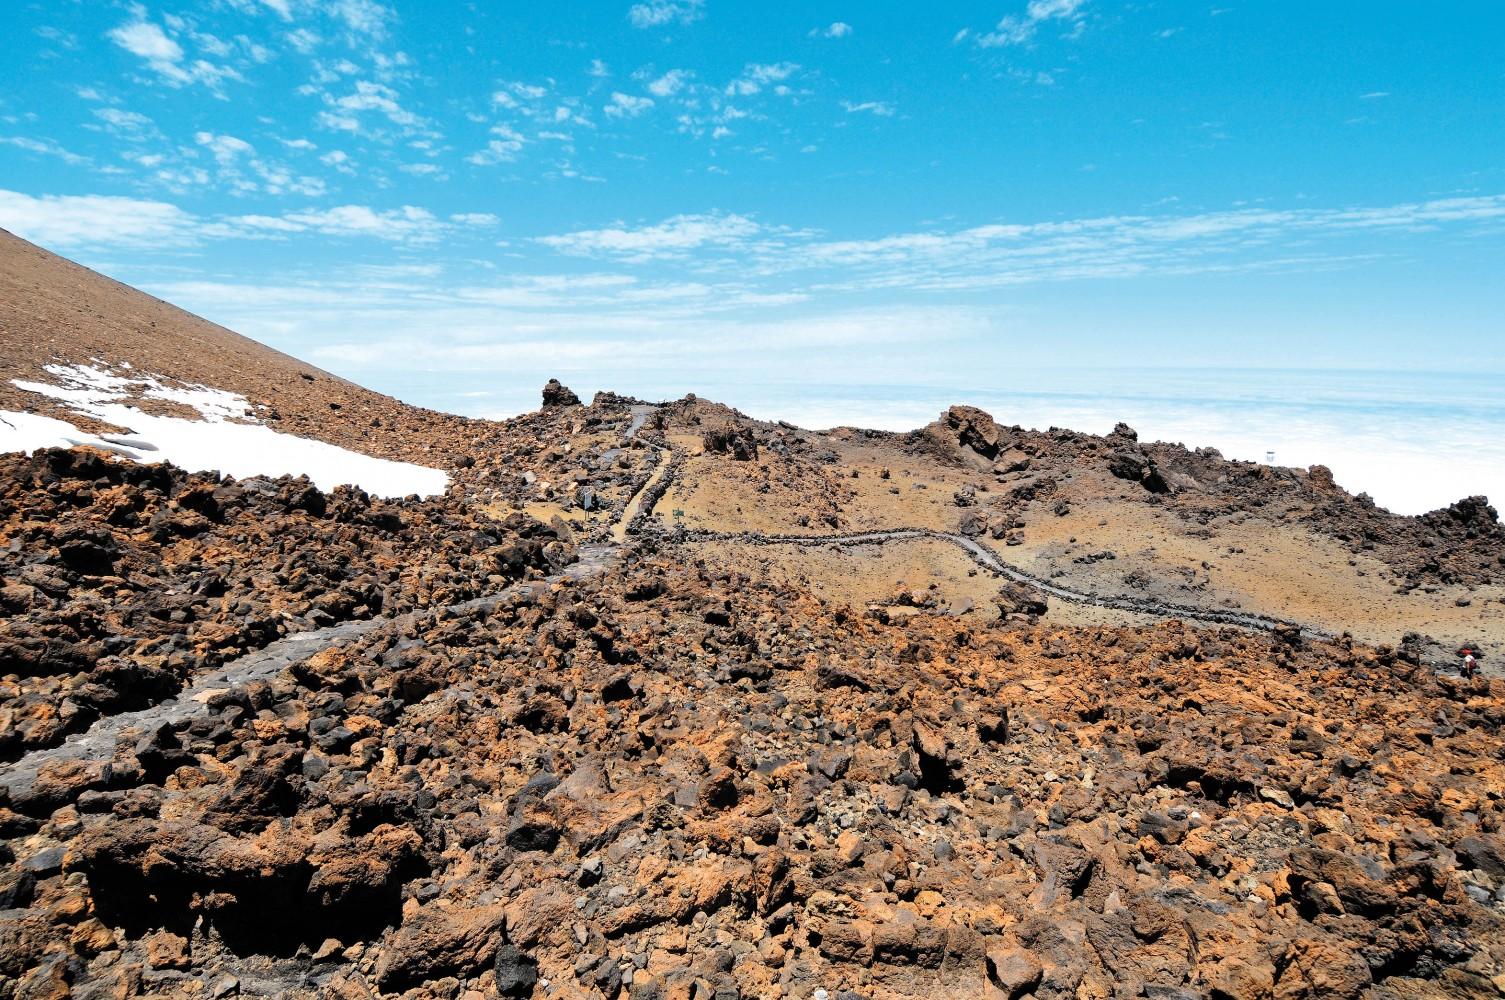 Тейде, Тенерифе: как добраться до вершины